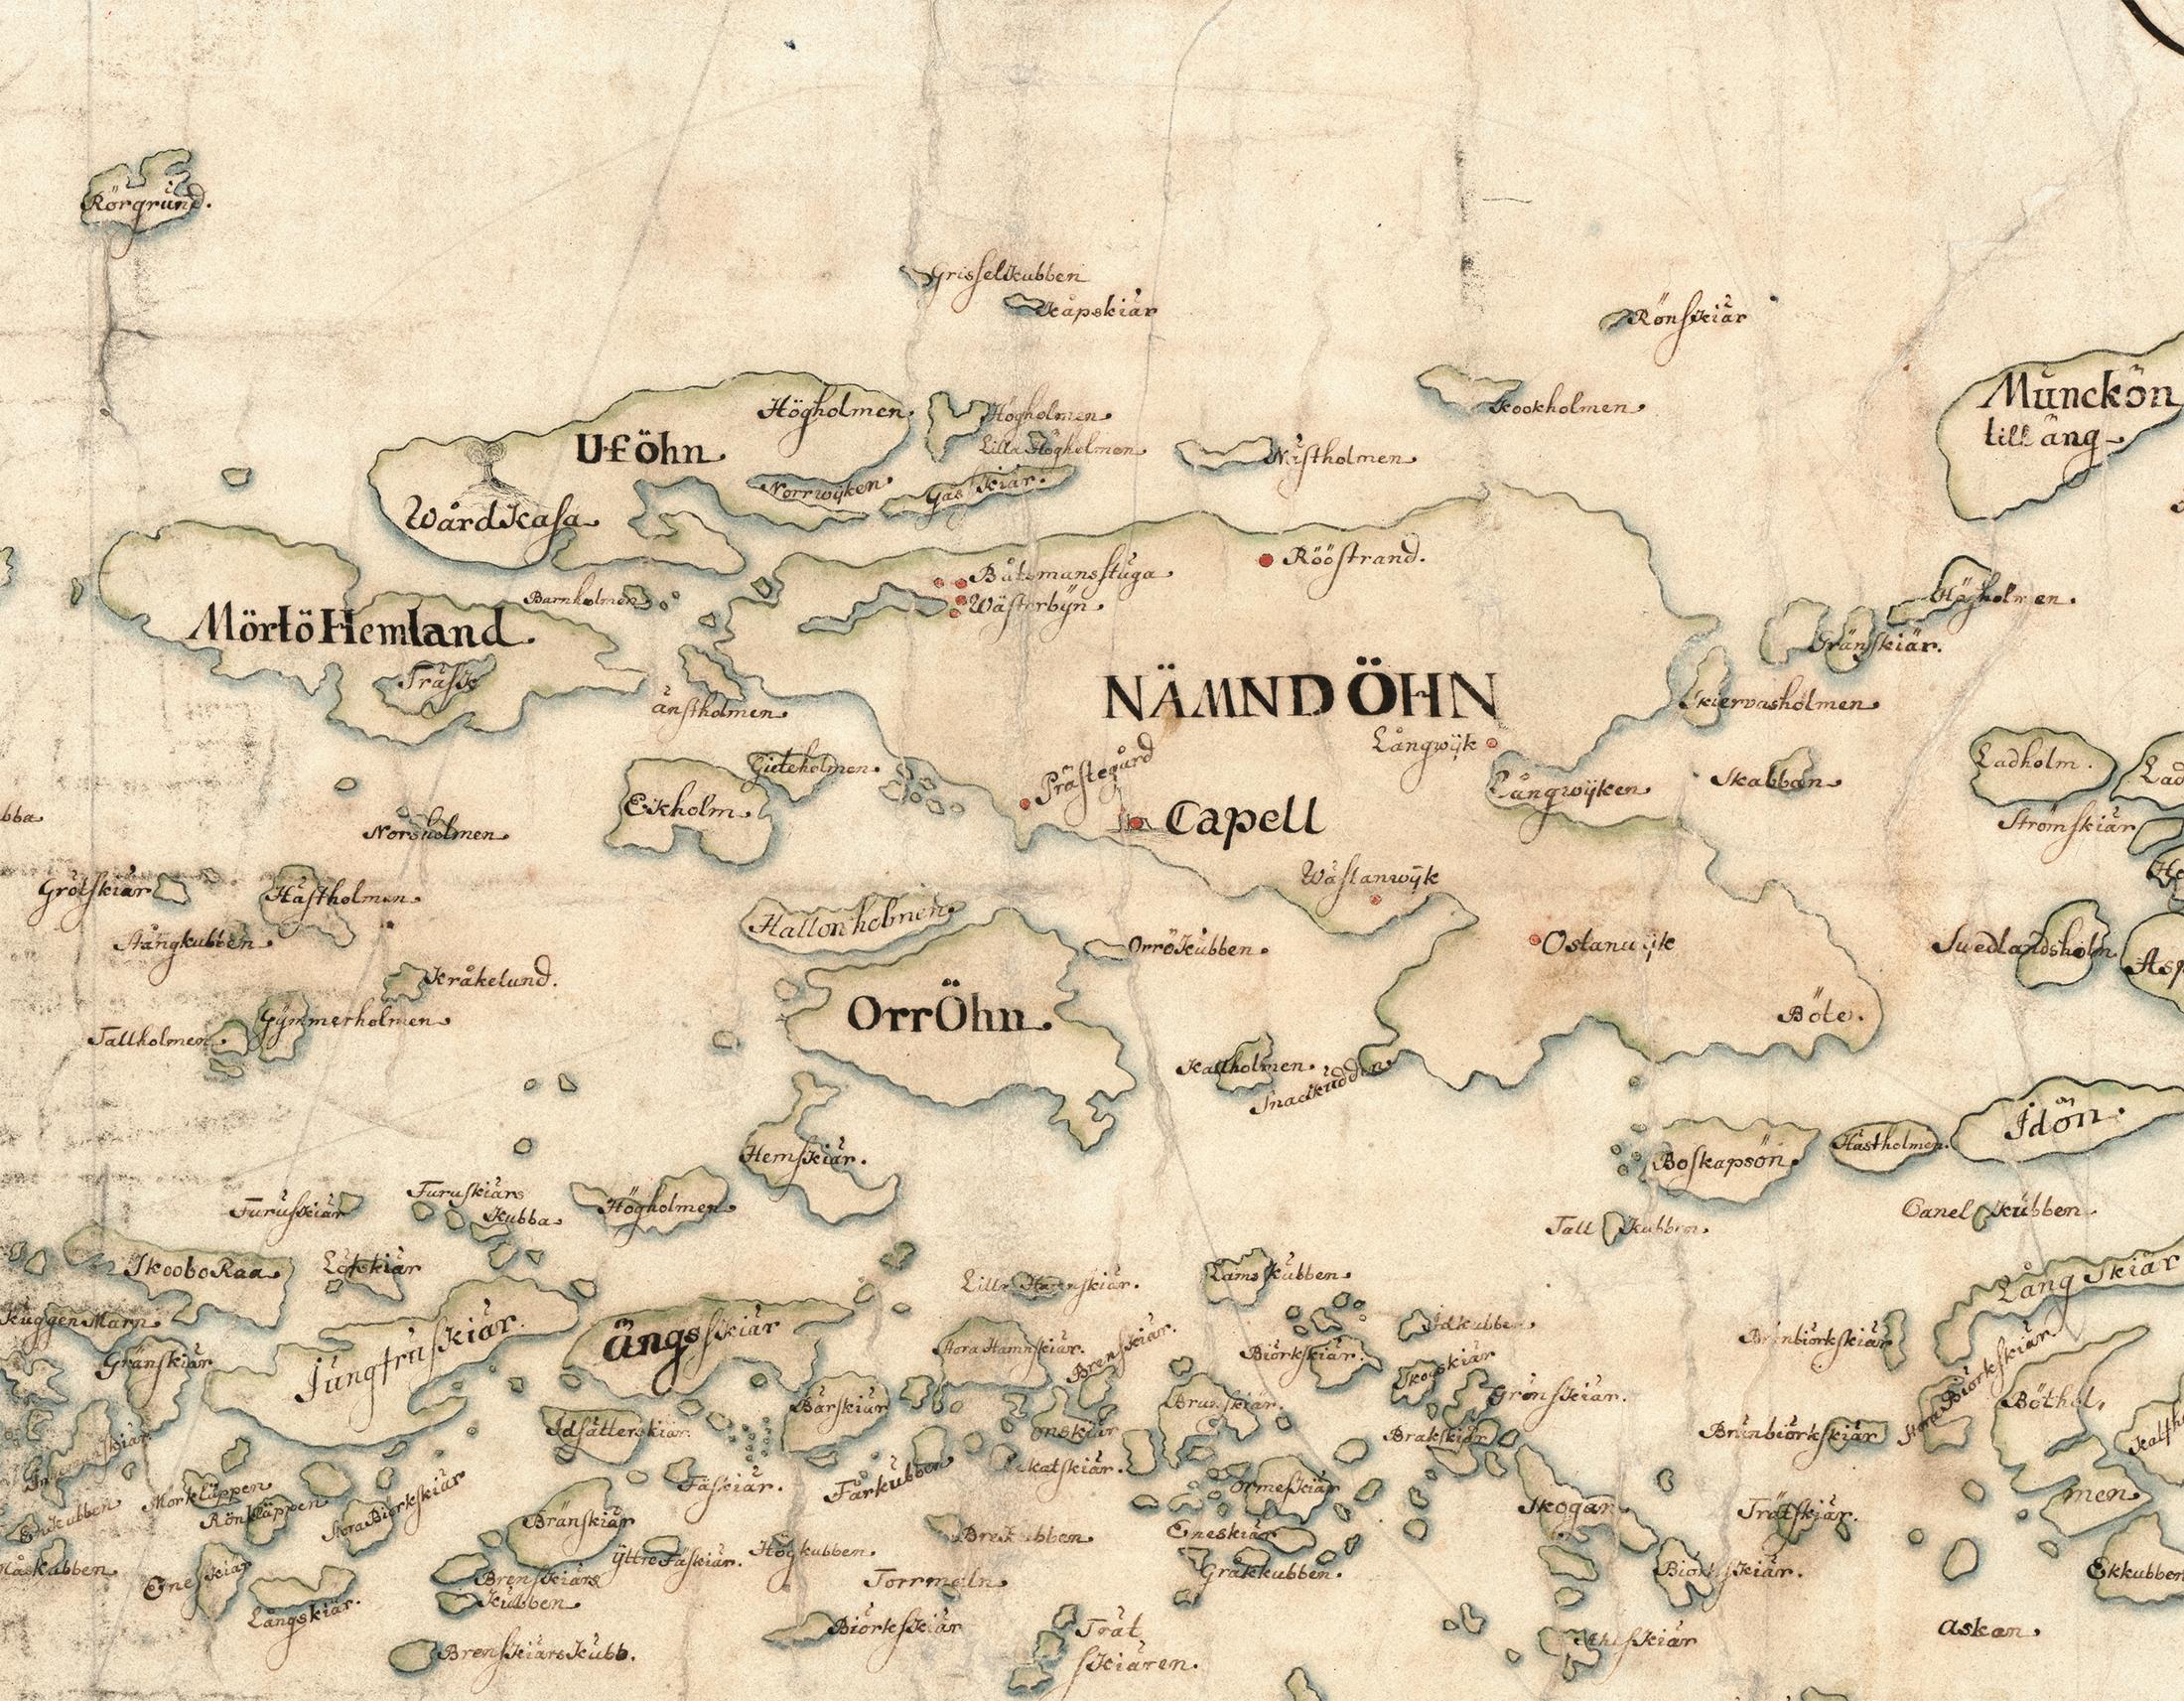 Nämdö med kringliggande öar och skär. Detalj av Carl Gripenhielms skärgårdskarta från 1690-talet. Väderstrecken är förvridna.